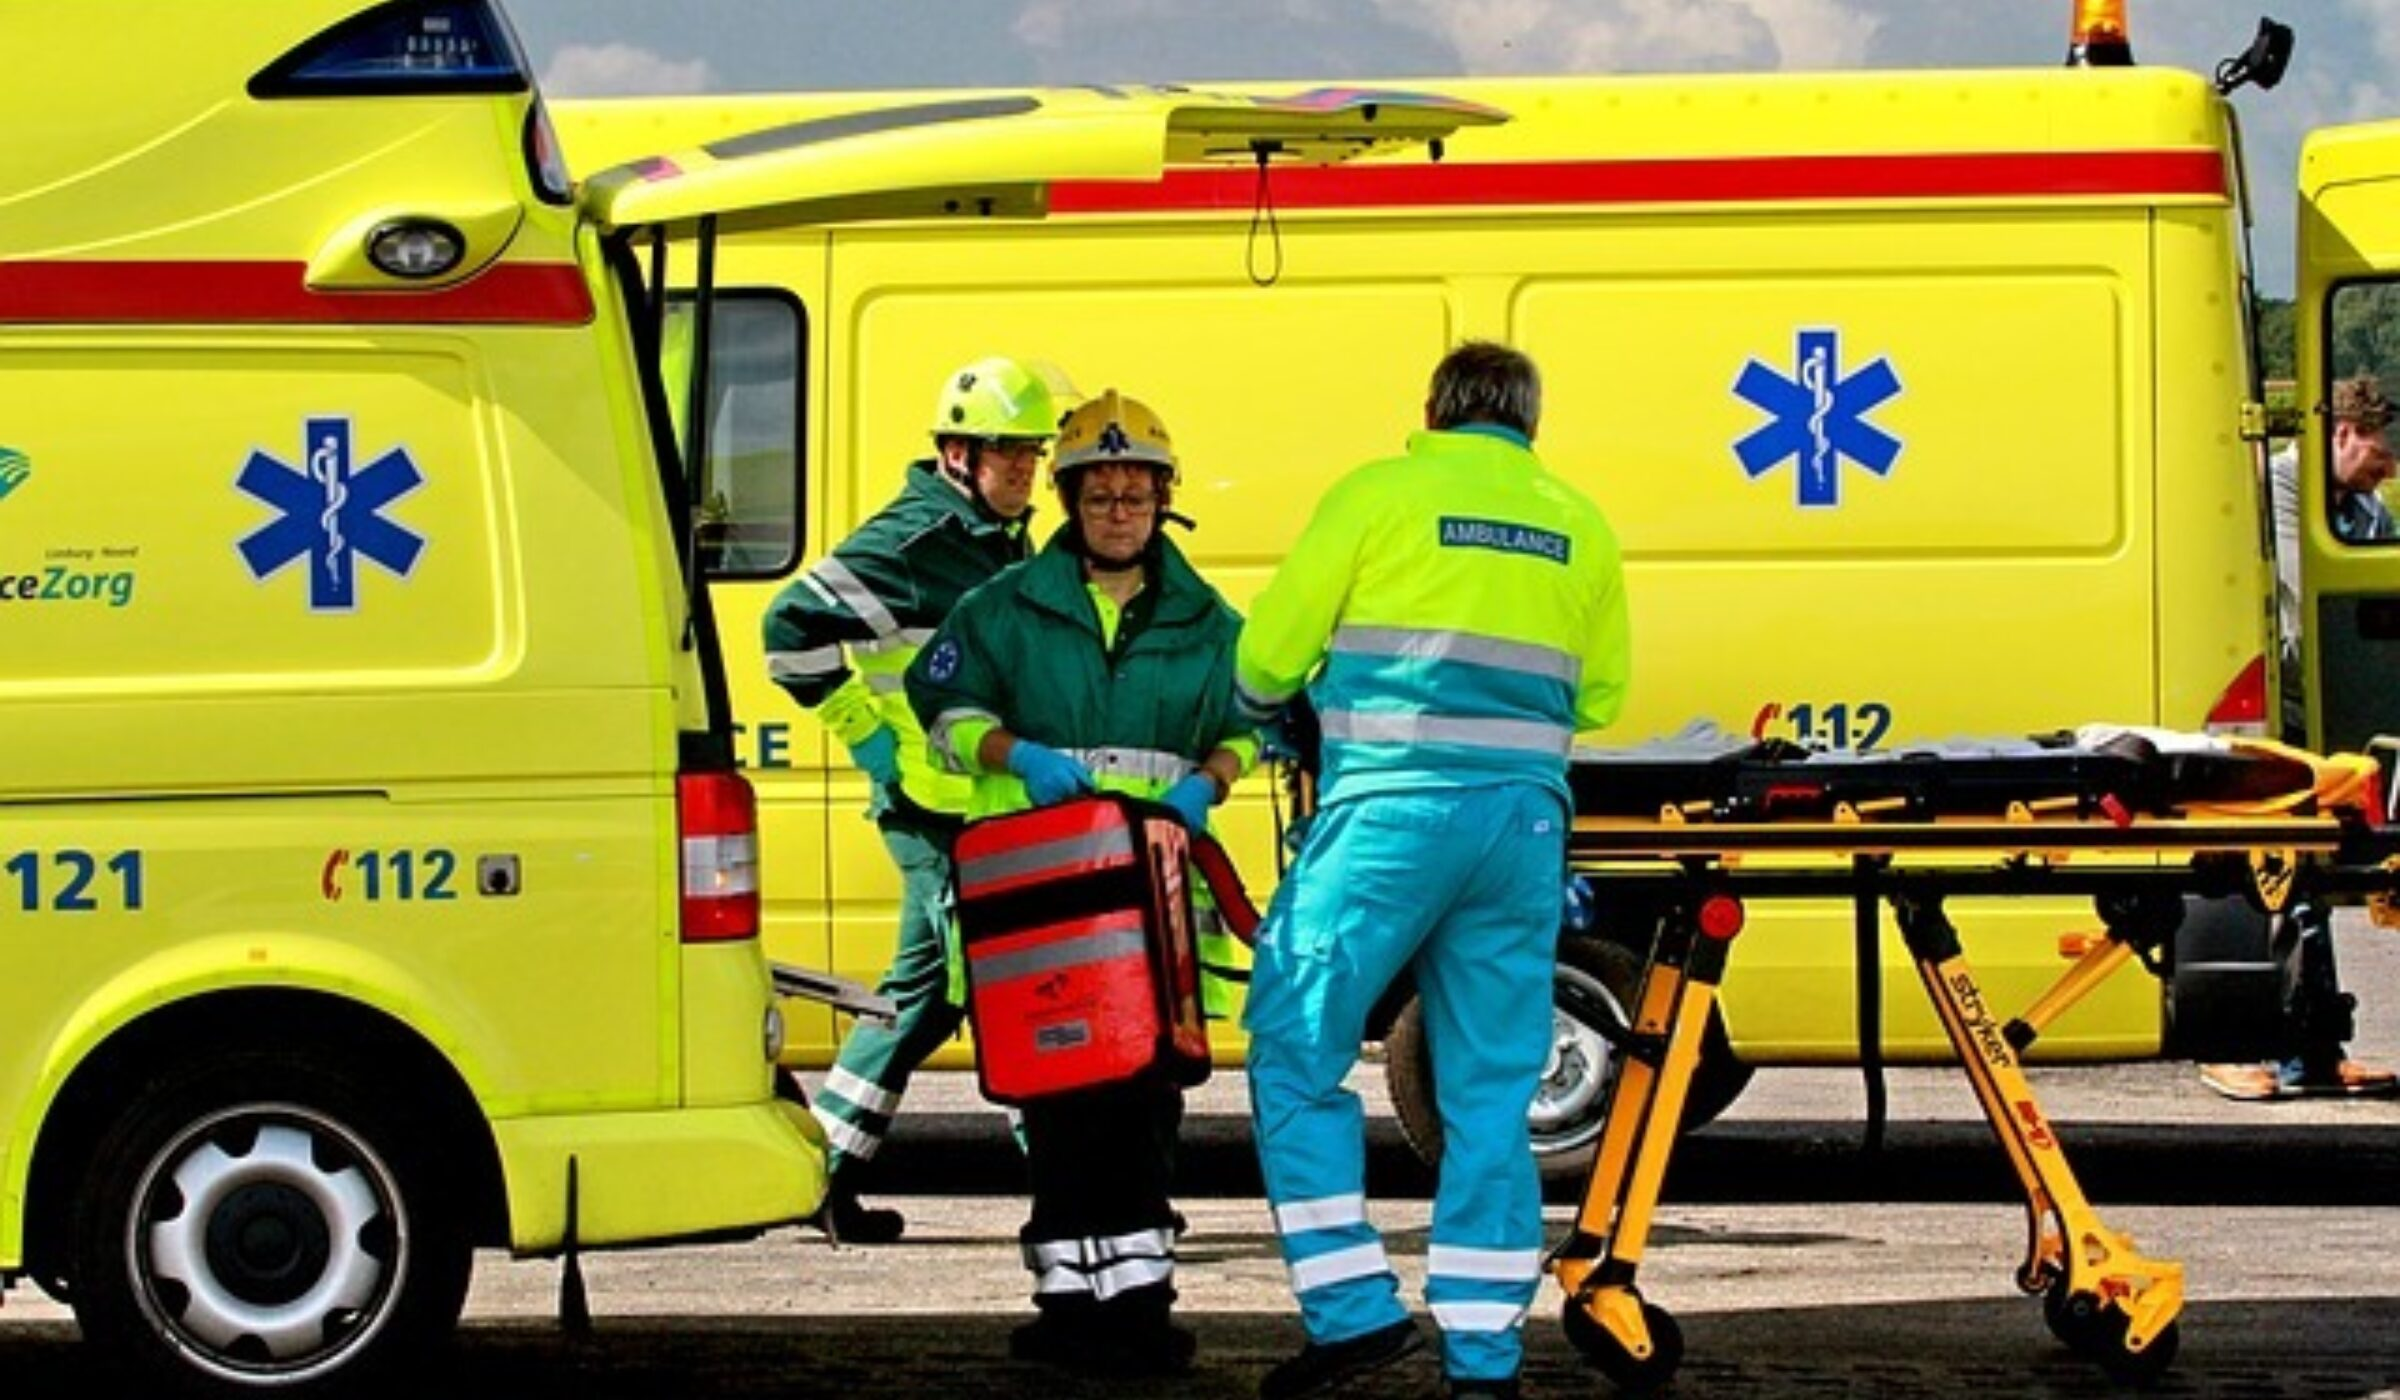 Ambulancebroeders via Pixabay, Dirk Van Elslande (3256021)